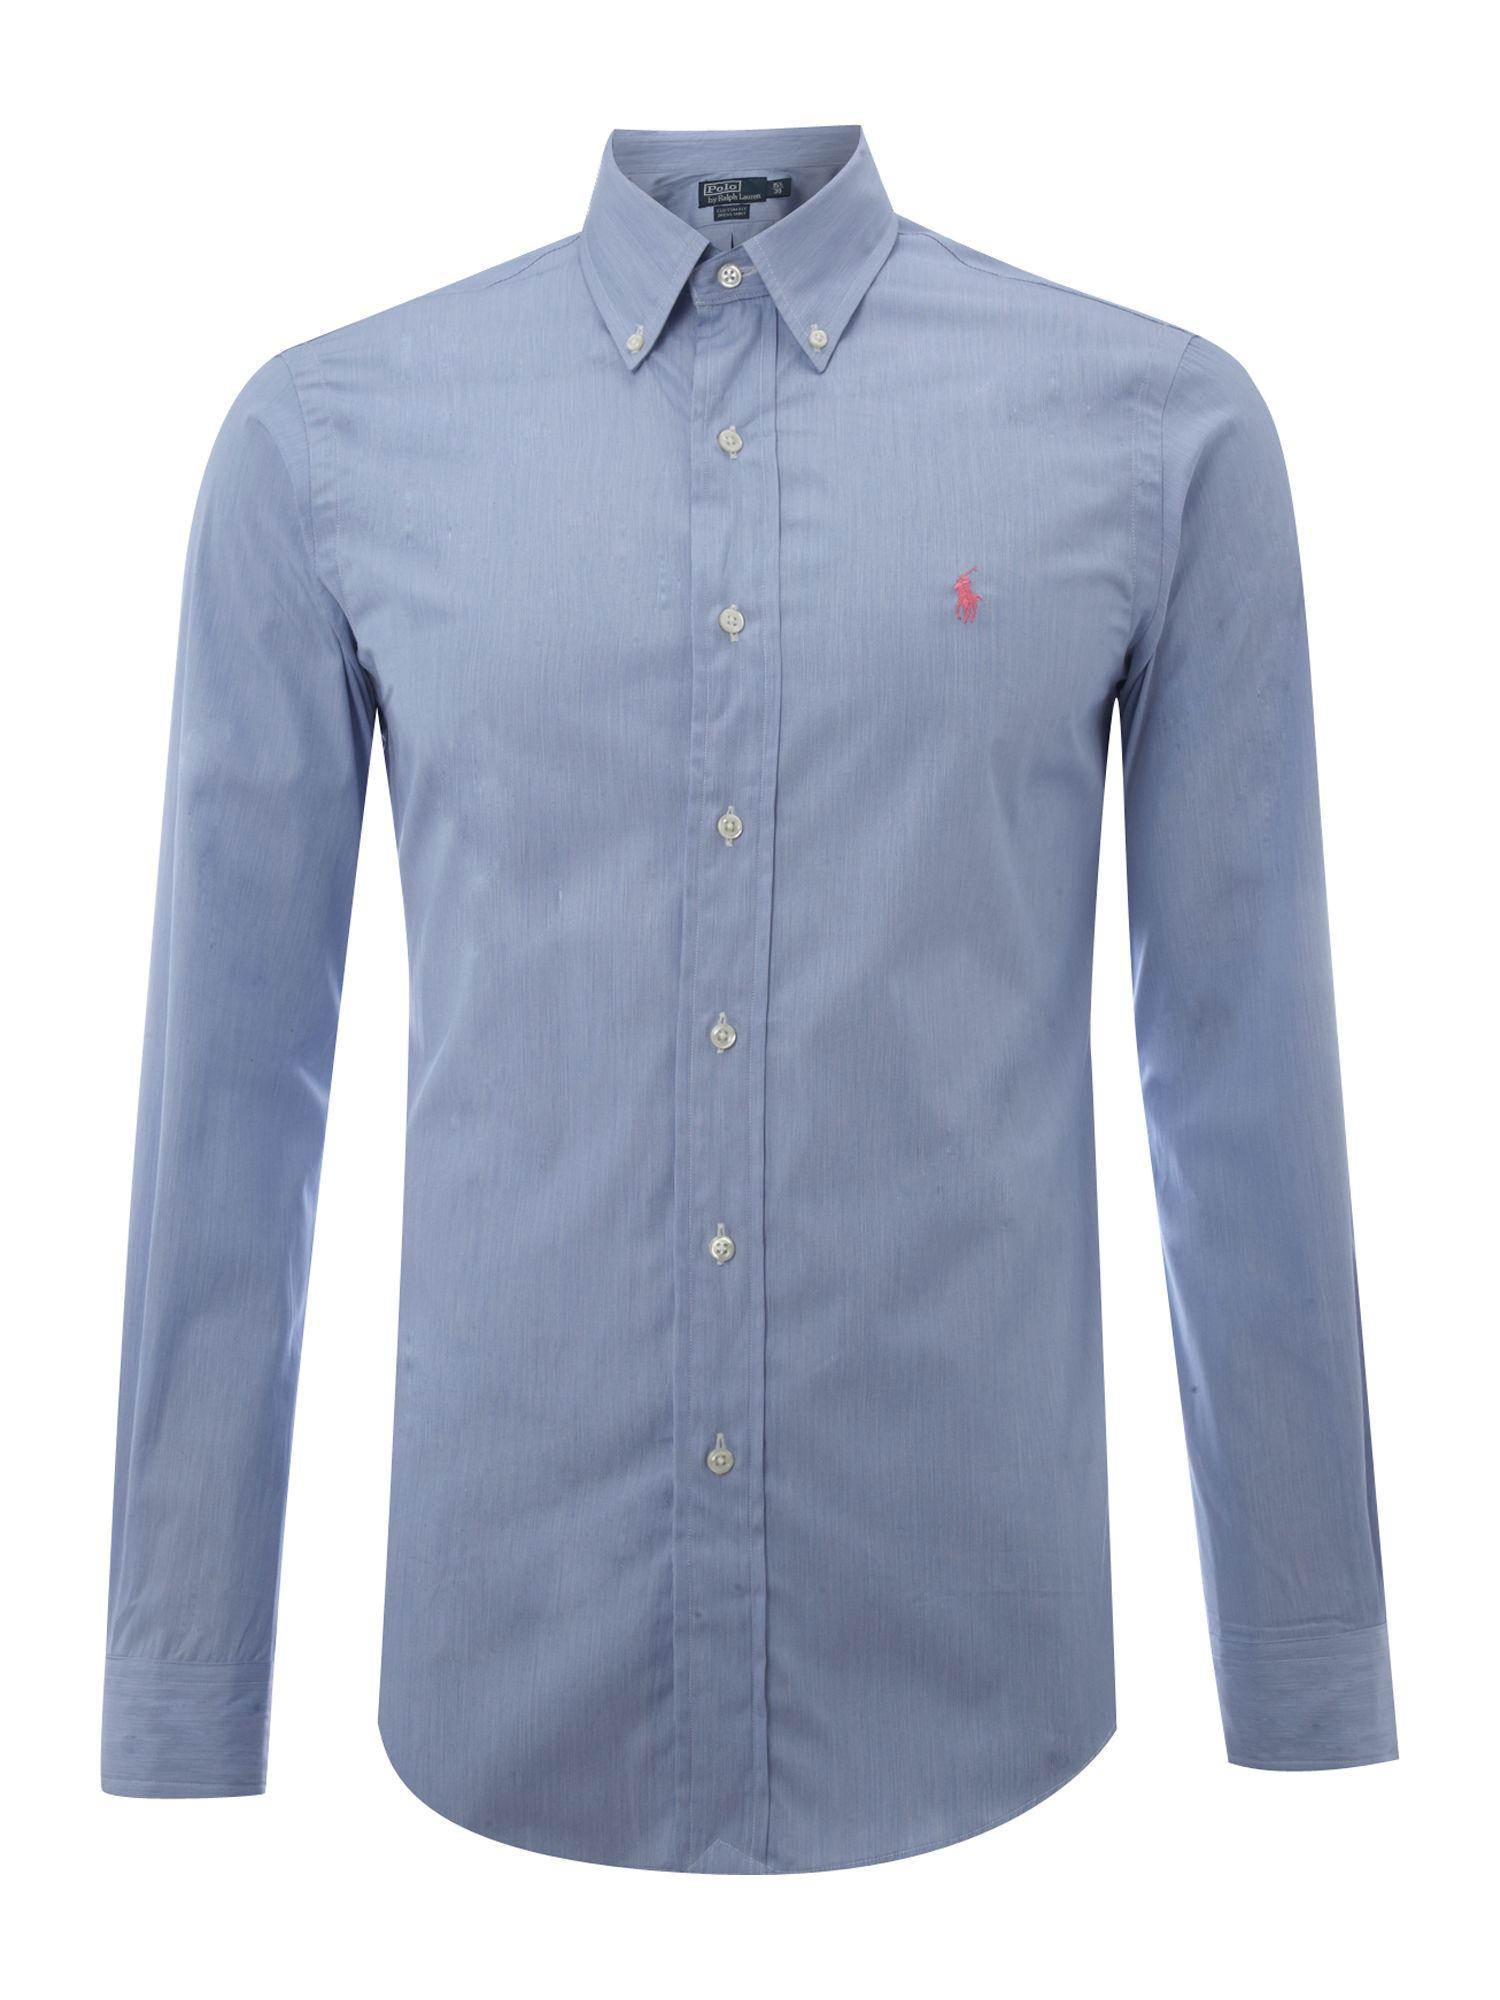 Lyst polo ralph lauren long sleeved custom fitted shirt for Long sleeve fitted polo shirts